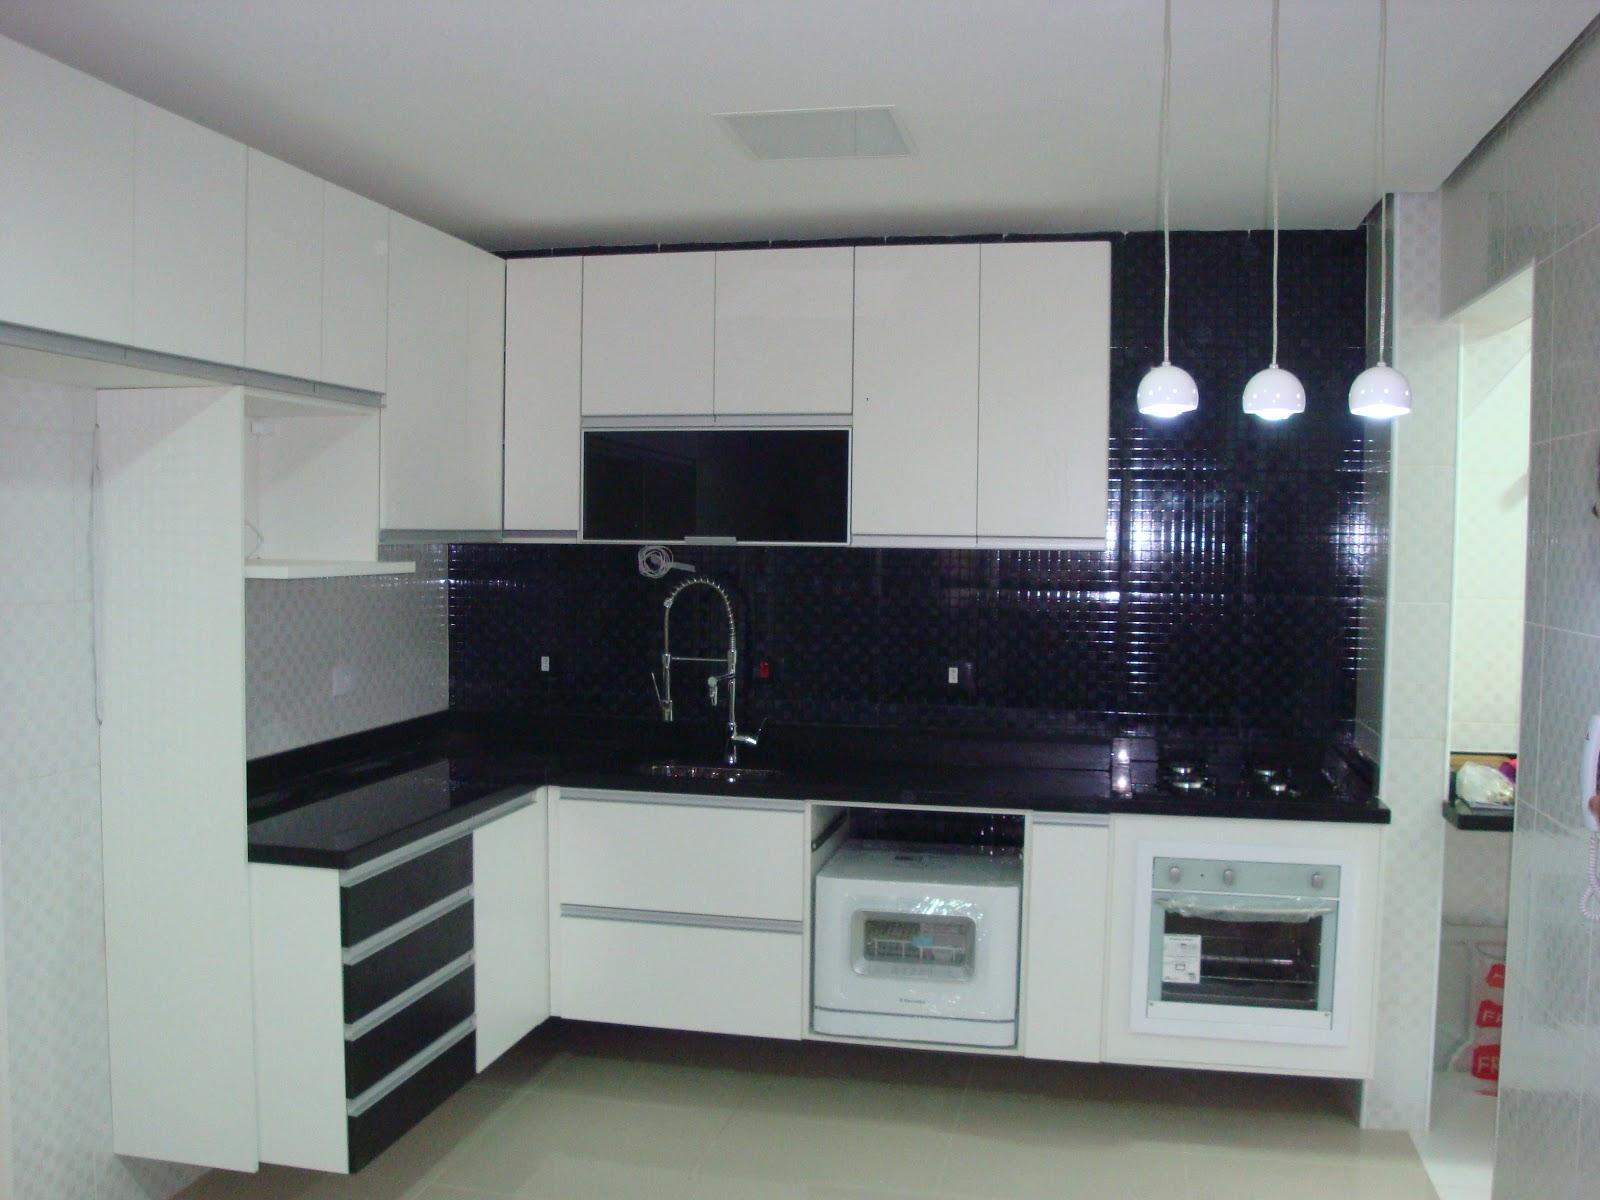 lava louças e o forno #424860 1600 1200